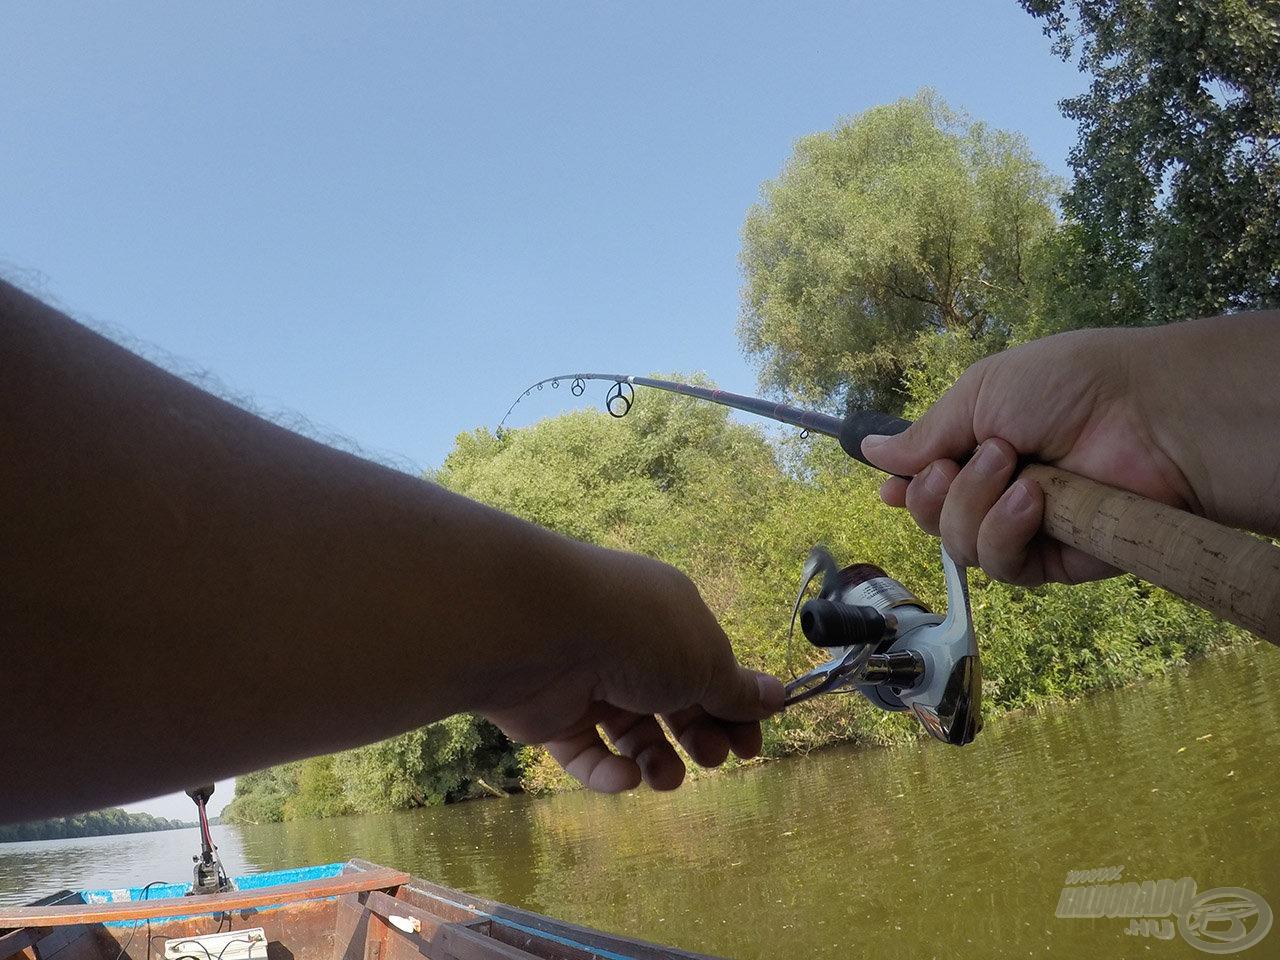 Az ötlet nem volt hamvában holt, mivel volt egy halam, ami köszönés nélkül vitte az előkét: köszöni szépen, de nem kíván csónakba kerülni